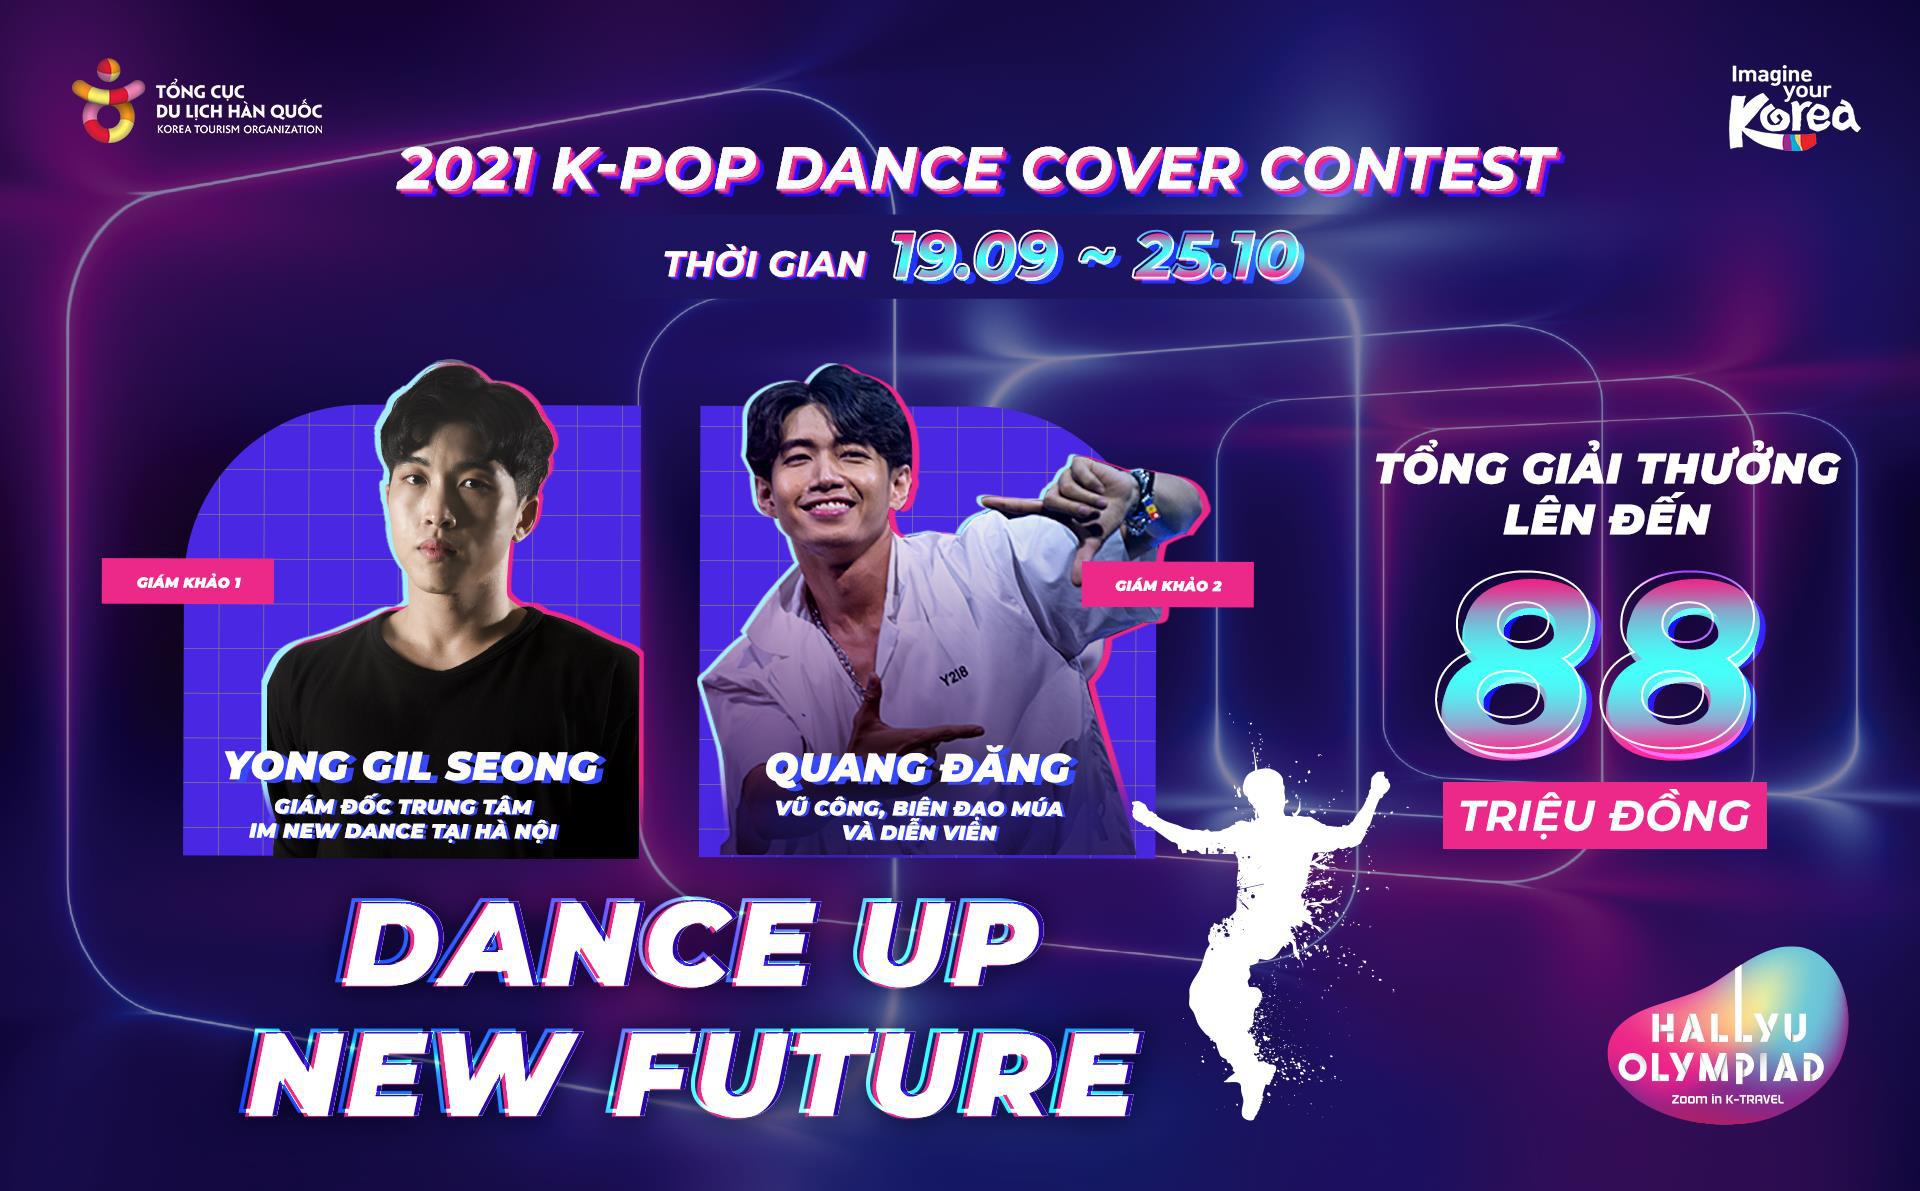 Fan K-Pop hào hứng với cuộc thi nhảy cover hoành tráng - Ảnh 1.